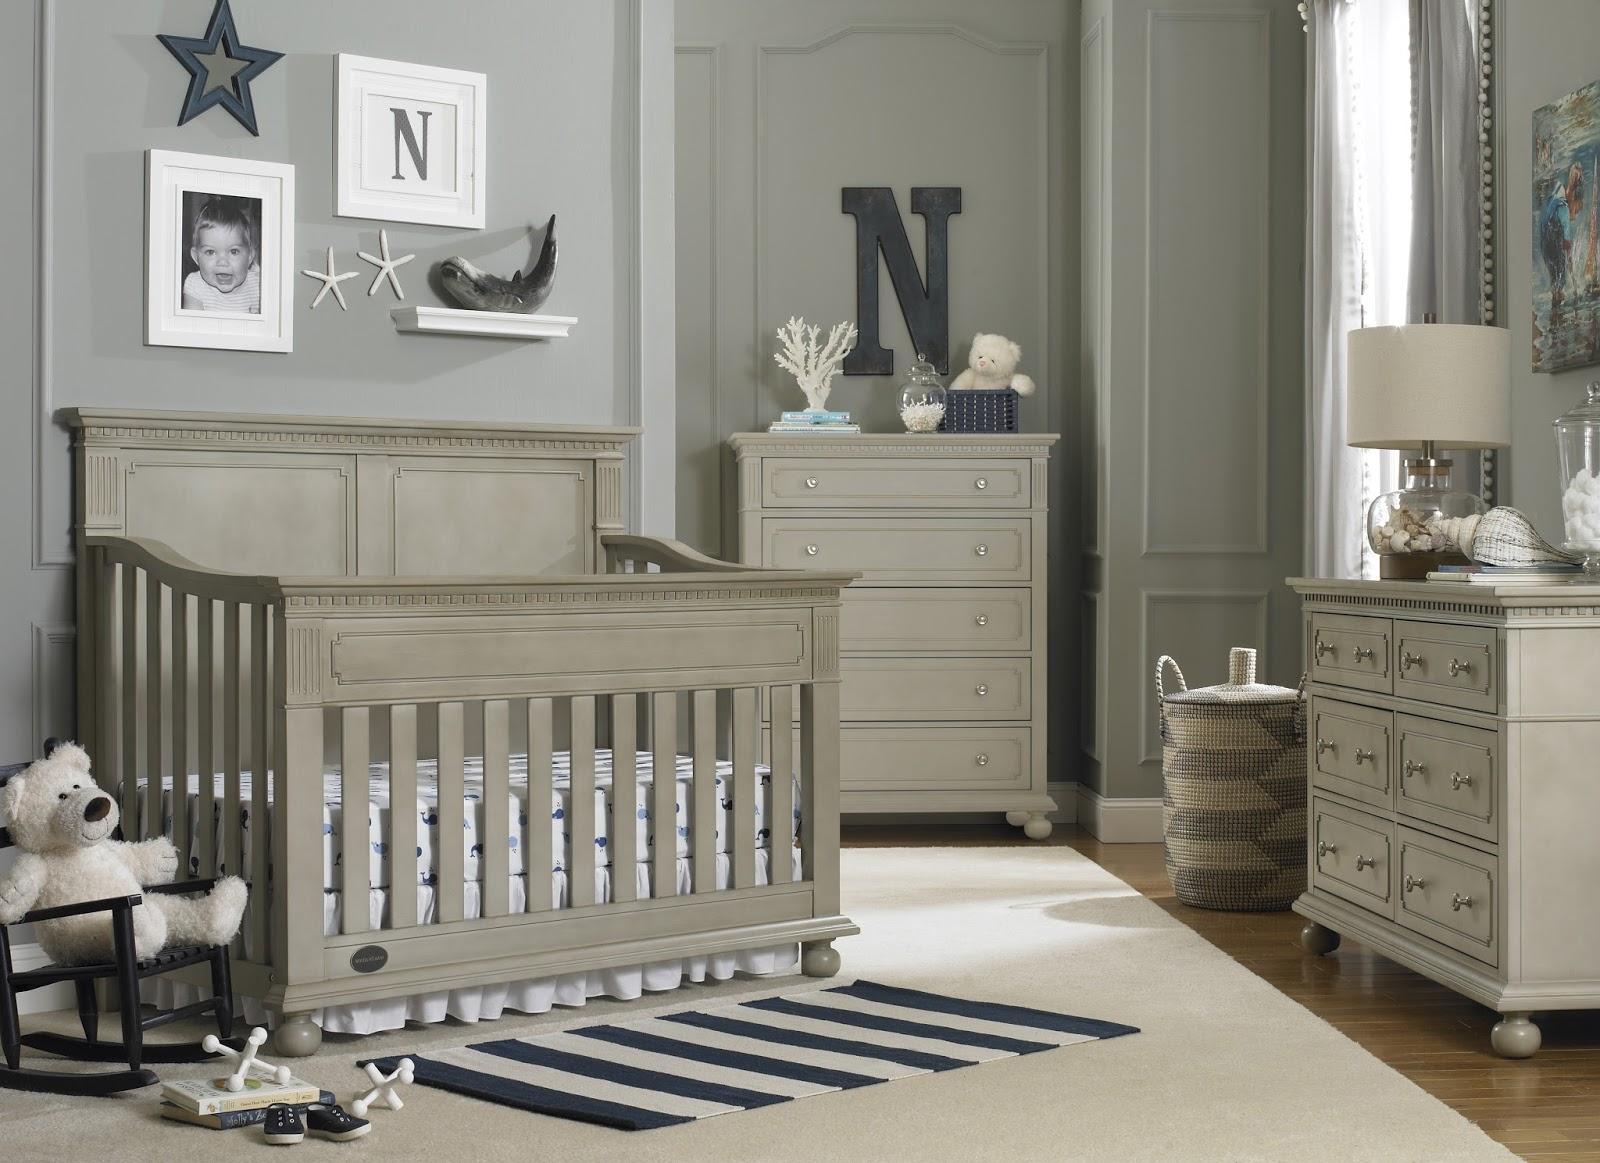 Idée déco chambre bébé mixte - Bébé et décoration - Chambre bébé ...